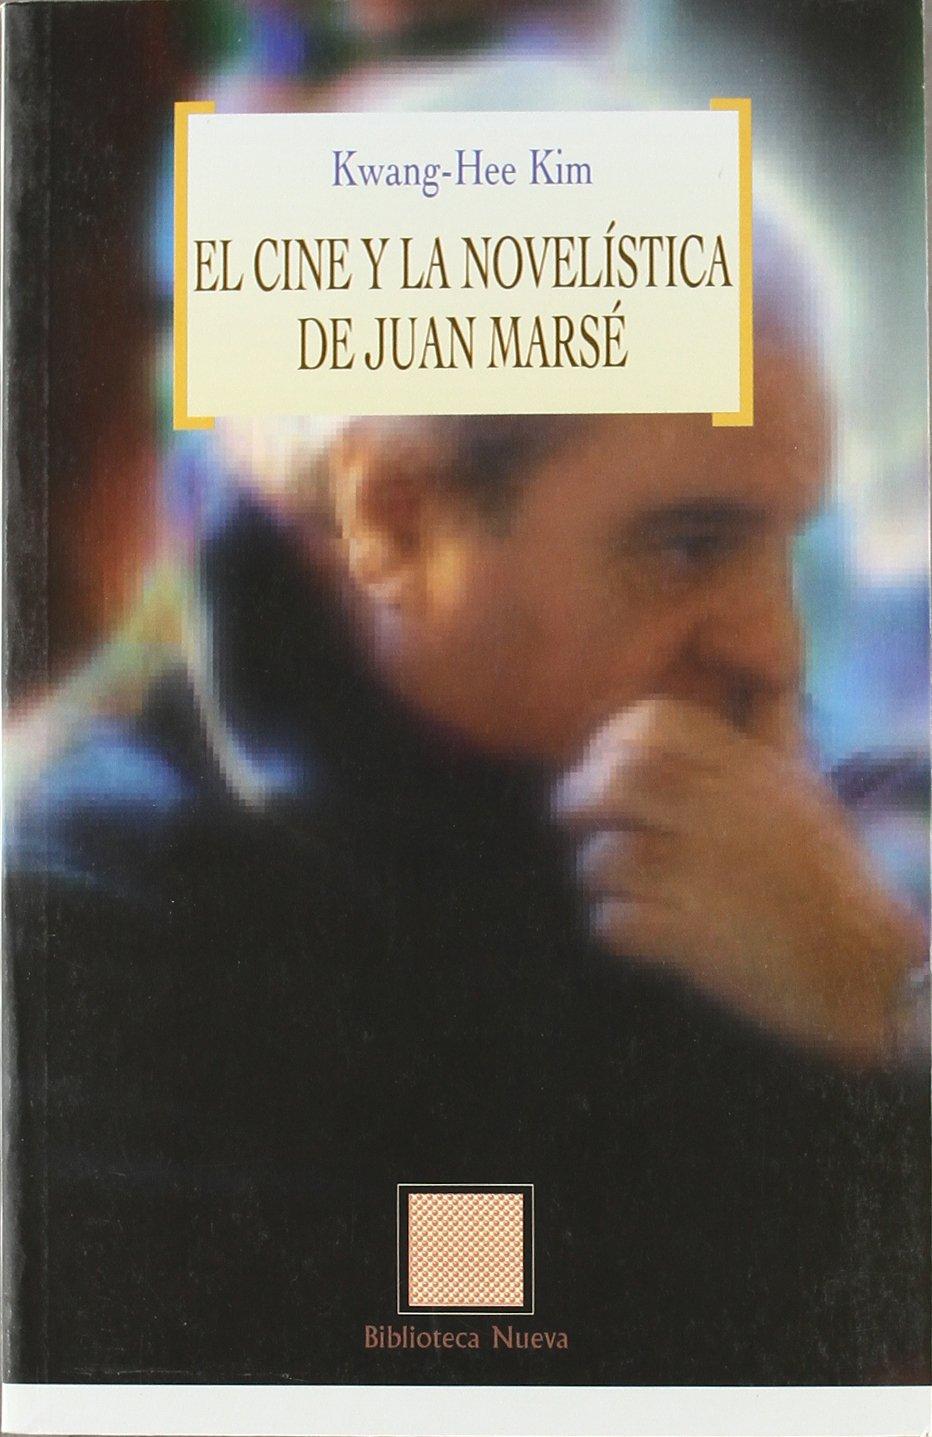 Download El Cine y La Novelistica de Juan Marse (Spanish Edition) PDF